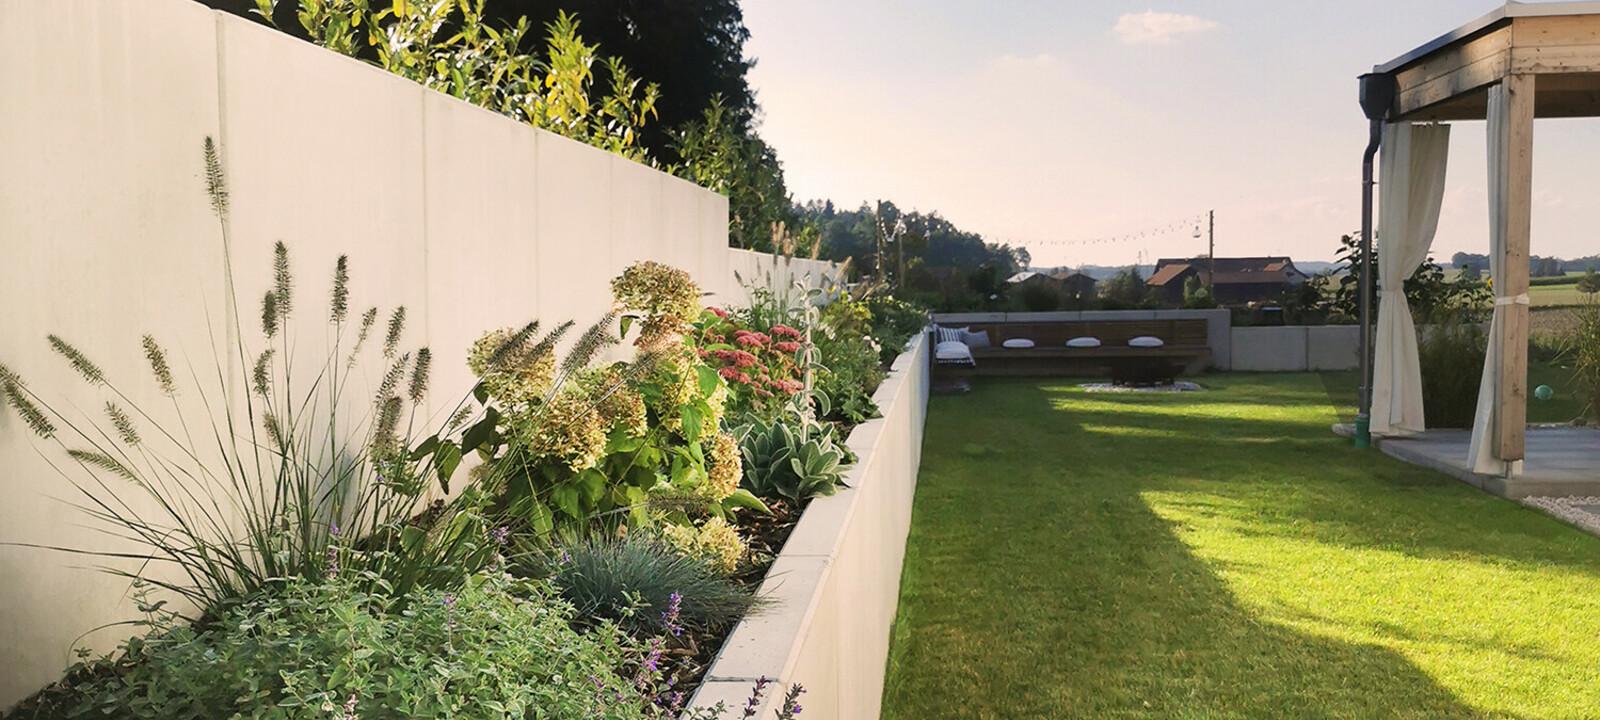 Sichtschutz und Beete im Garten Stützwinkel